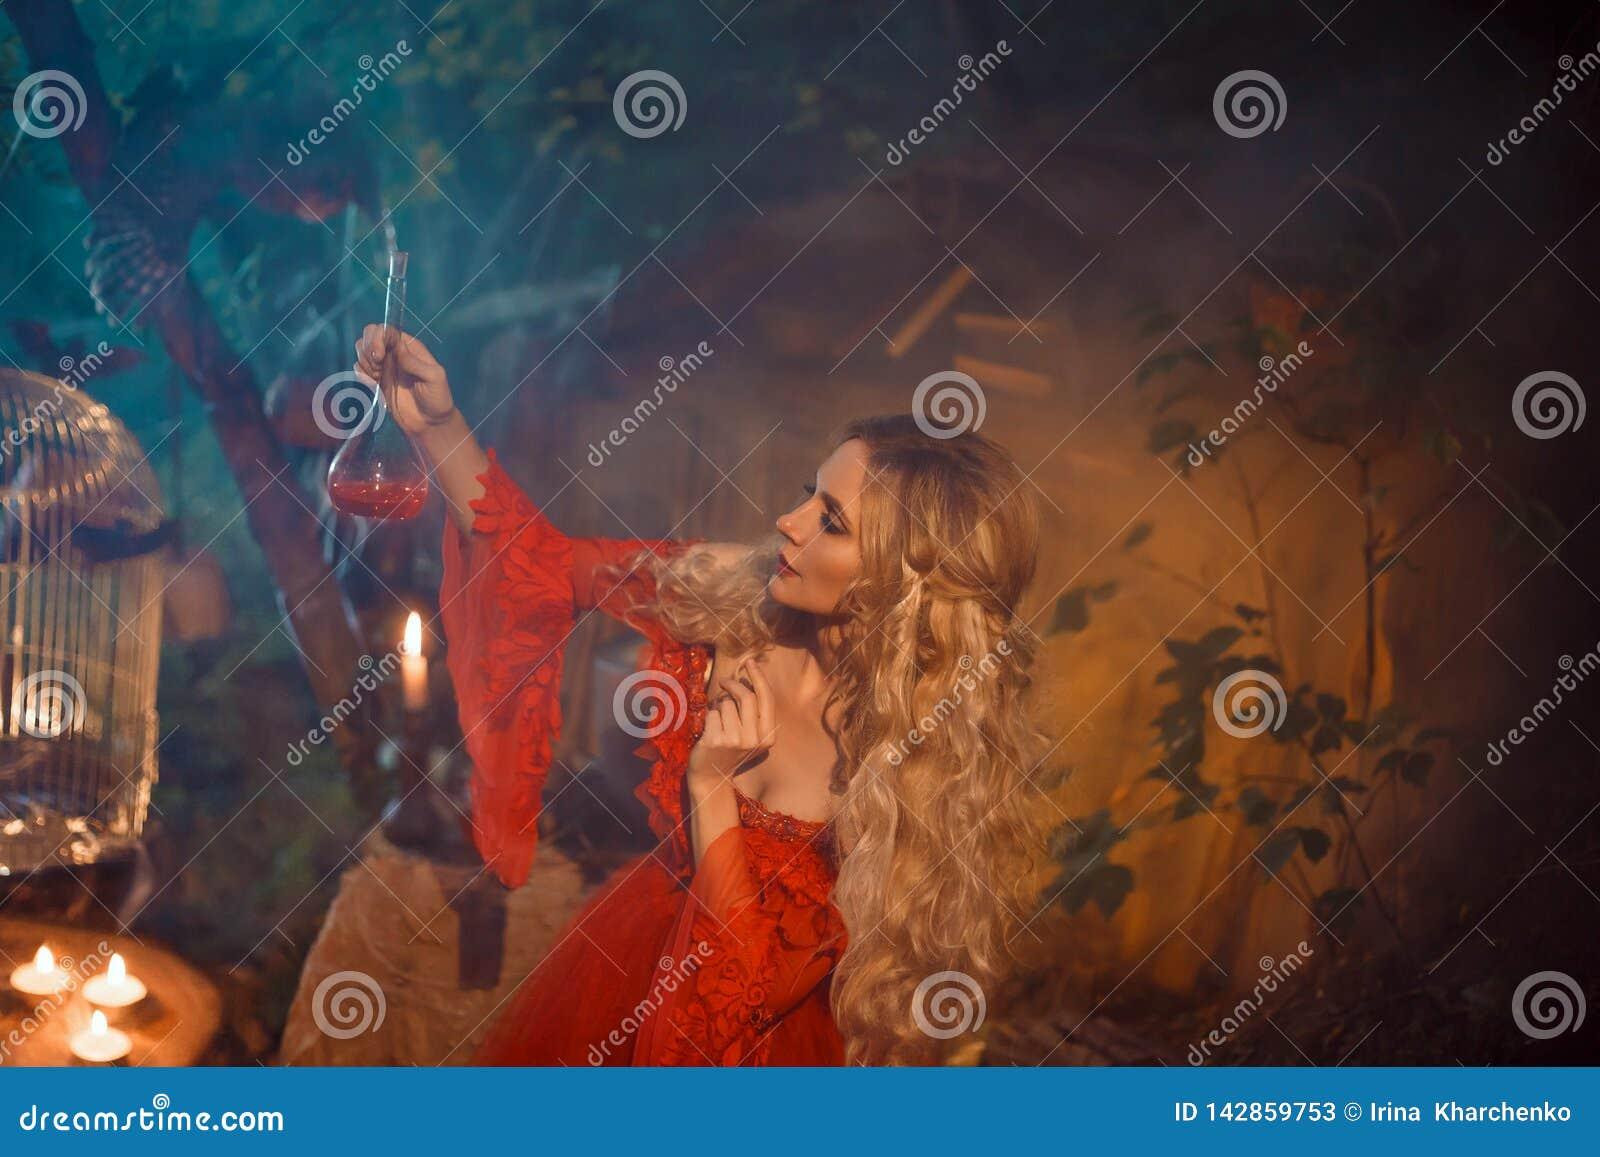 Jovem senhora bonita que prepara uma poção para encantar seu noivo amado, menina com cabelo encaracolado louro em um vermelho  se